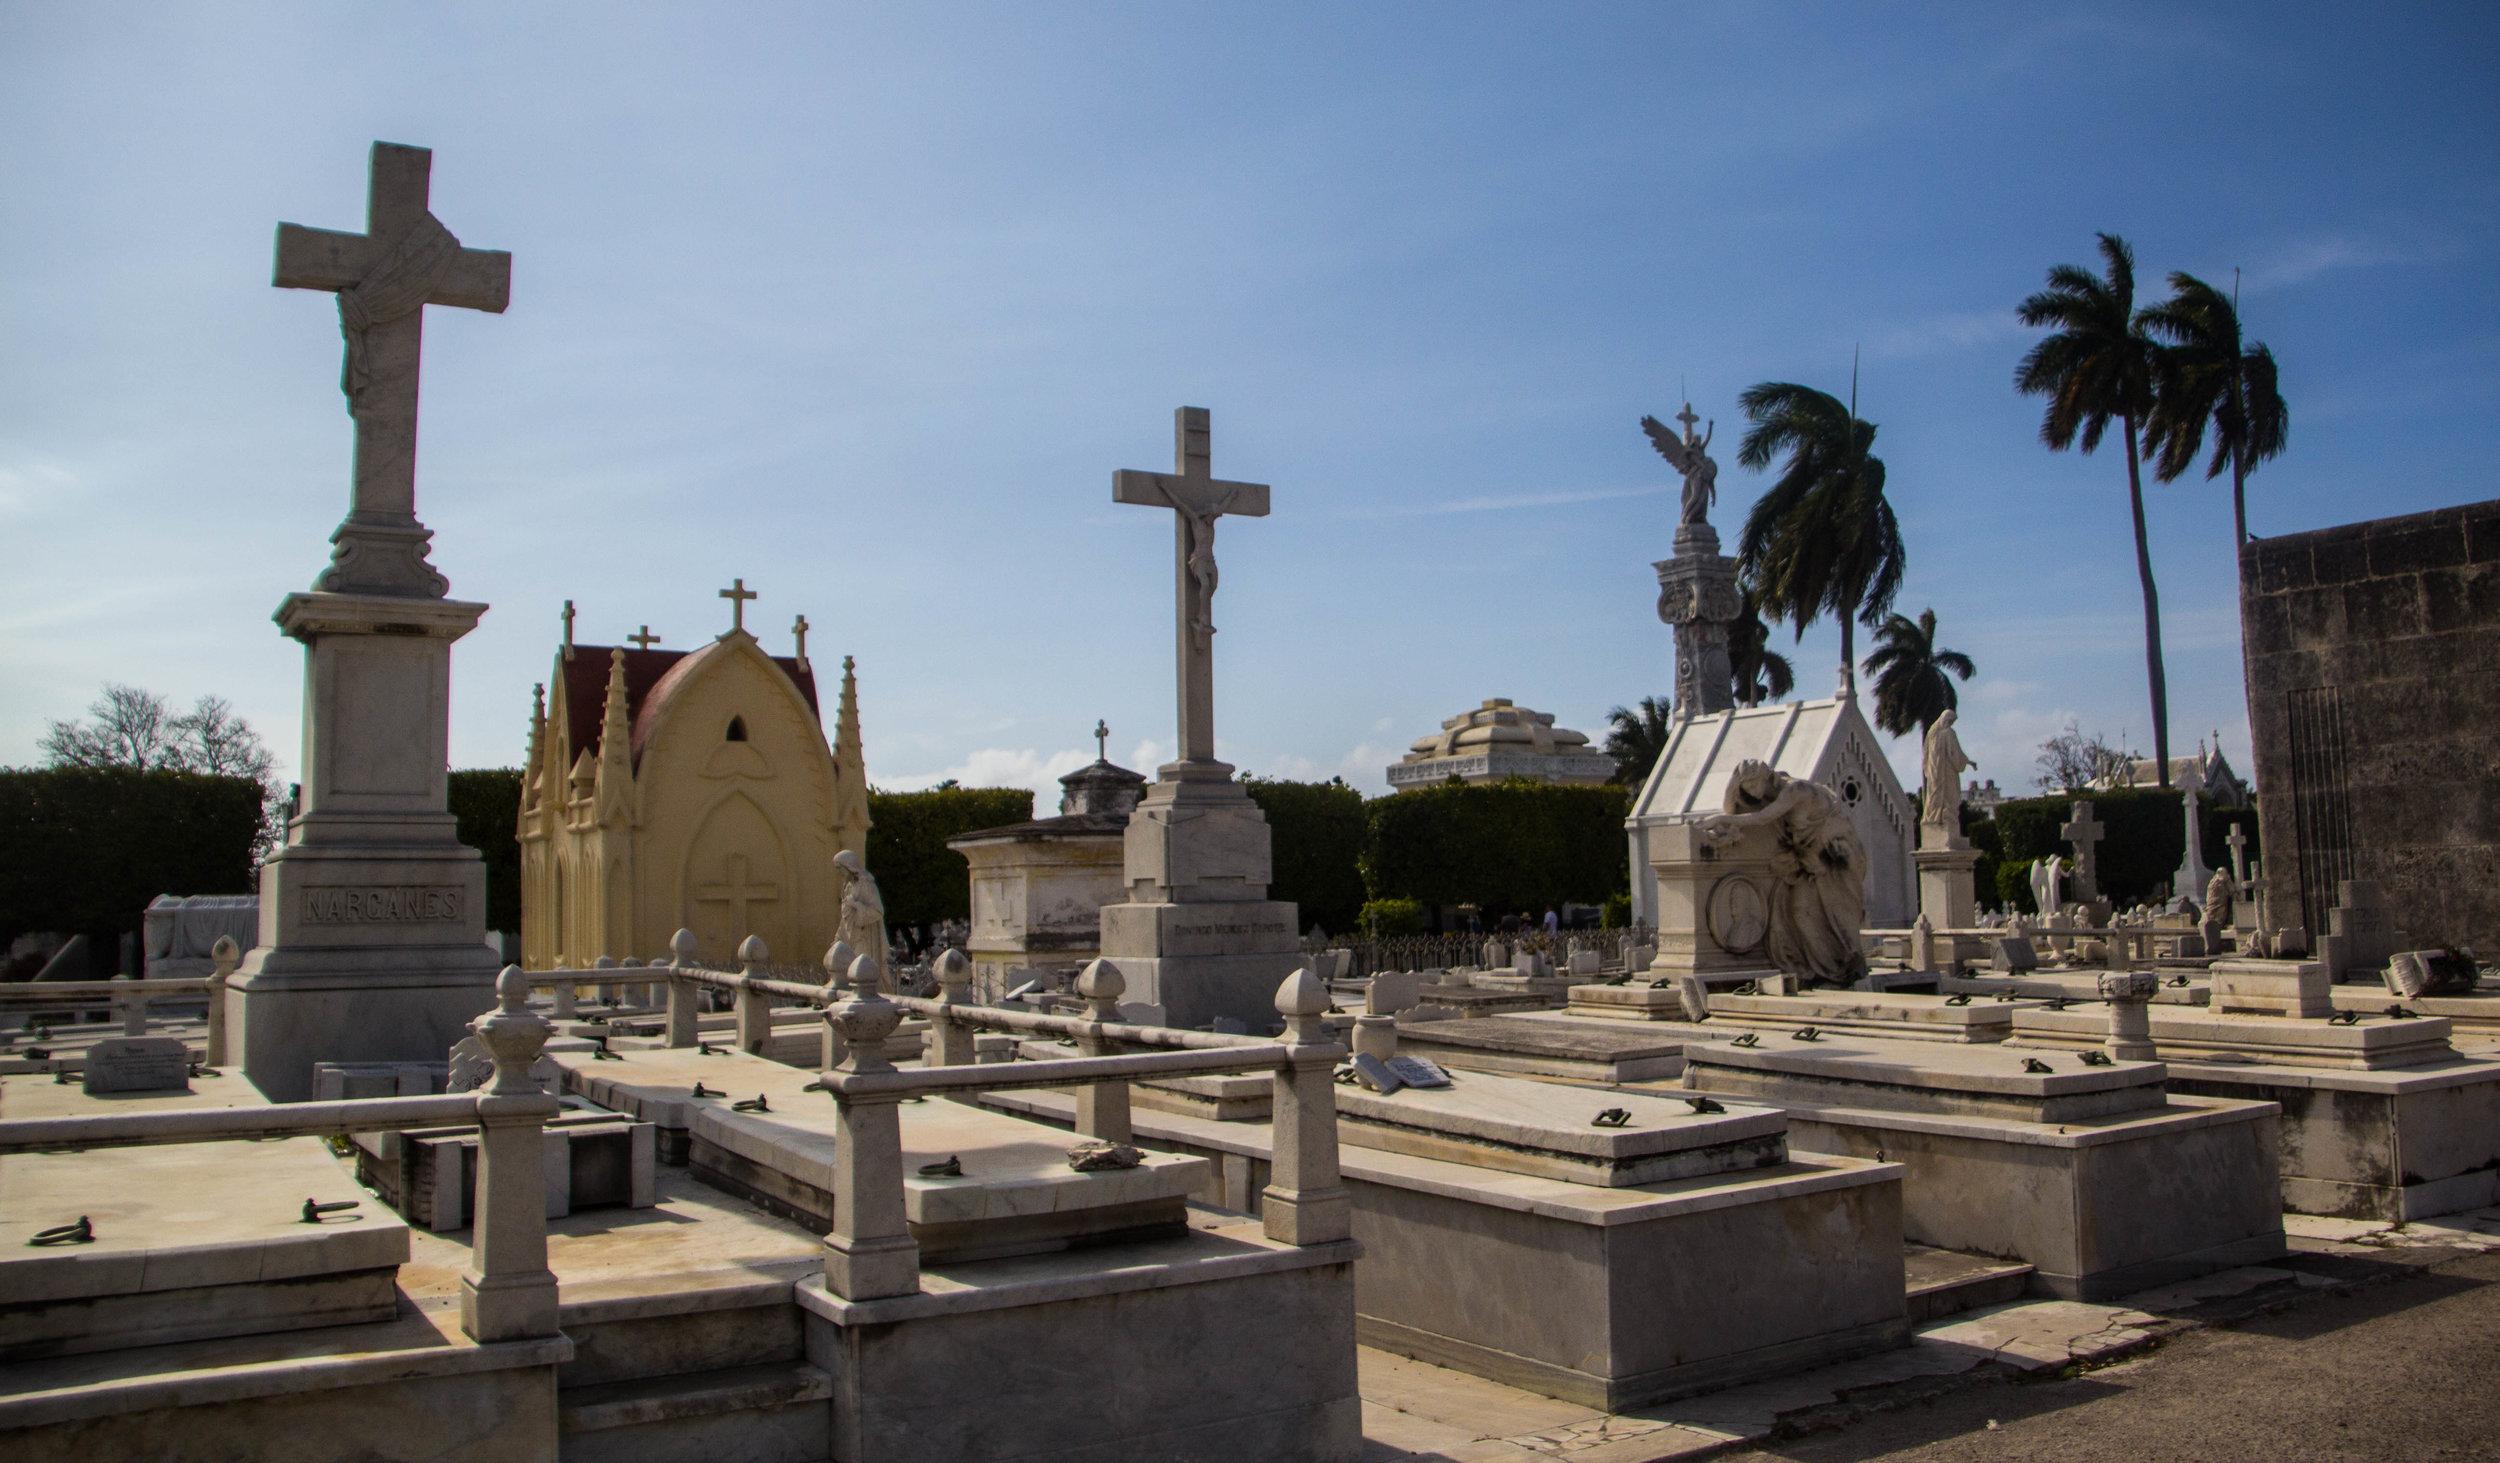 cementerio de cristóbal colón havana cuba-1-11-2.jpg